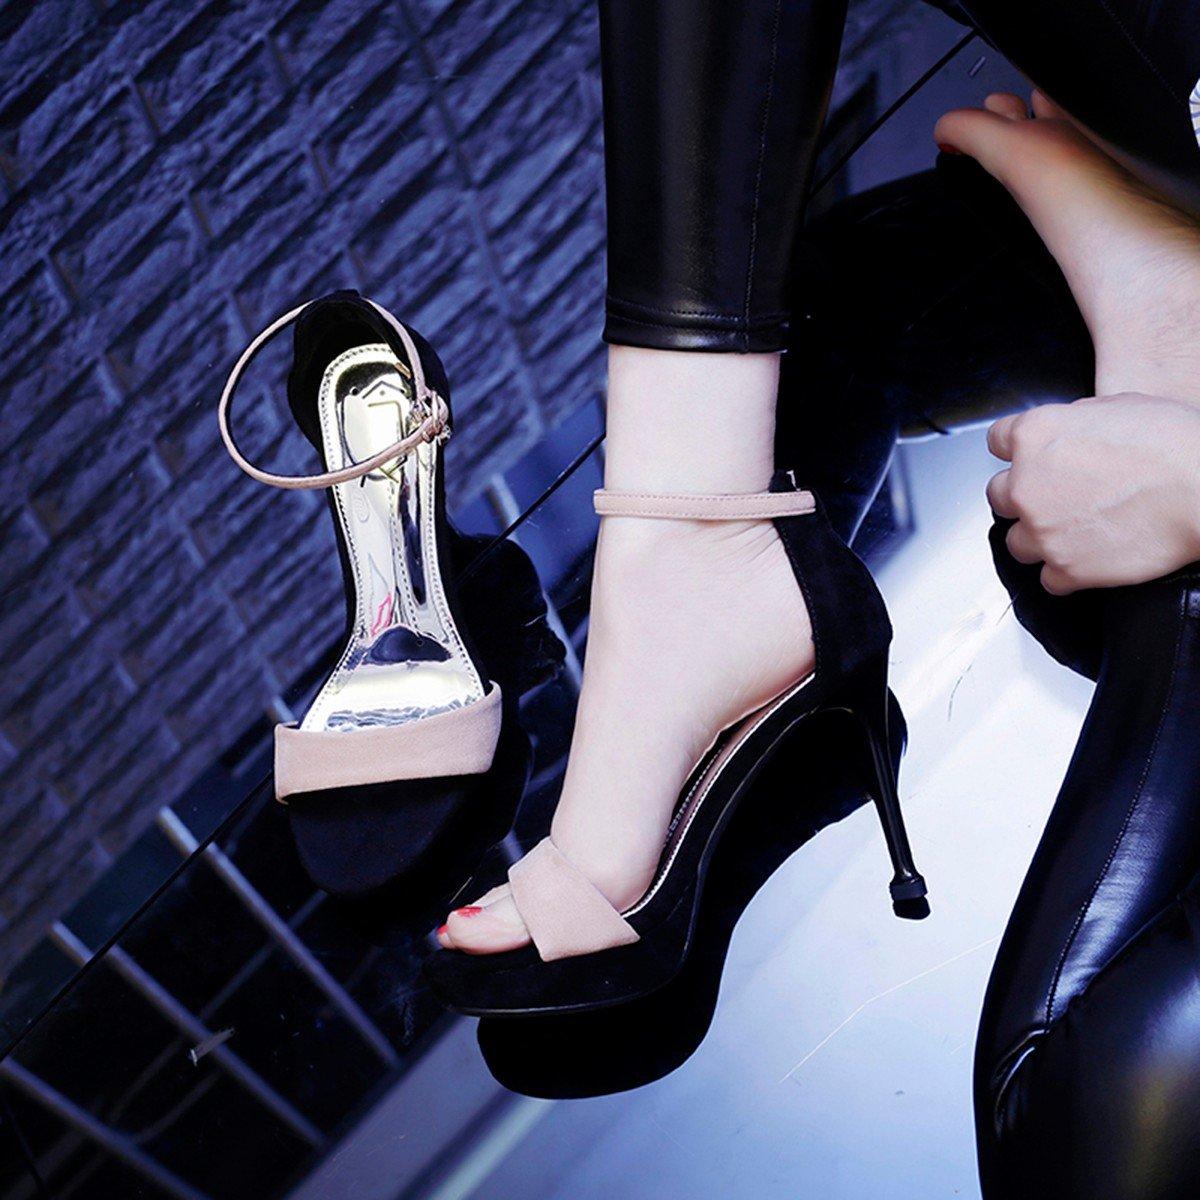 JRFBA-Schuhe schuhe mit hohen absätzen, frauen und mädchen in ihren sommer - ausgabe, wasserdichte tabelle, 10cm sexy Sandalee.